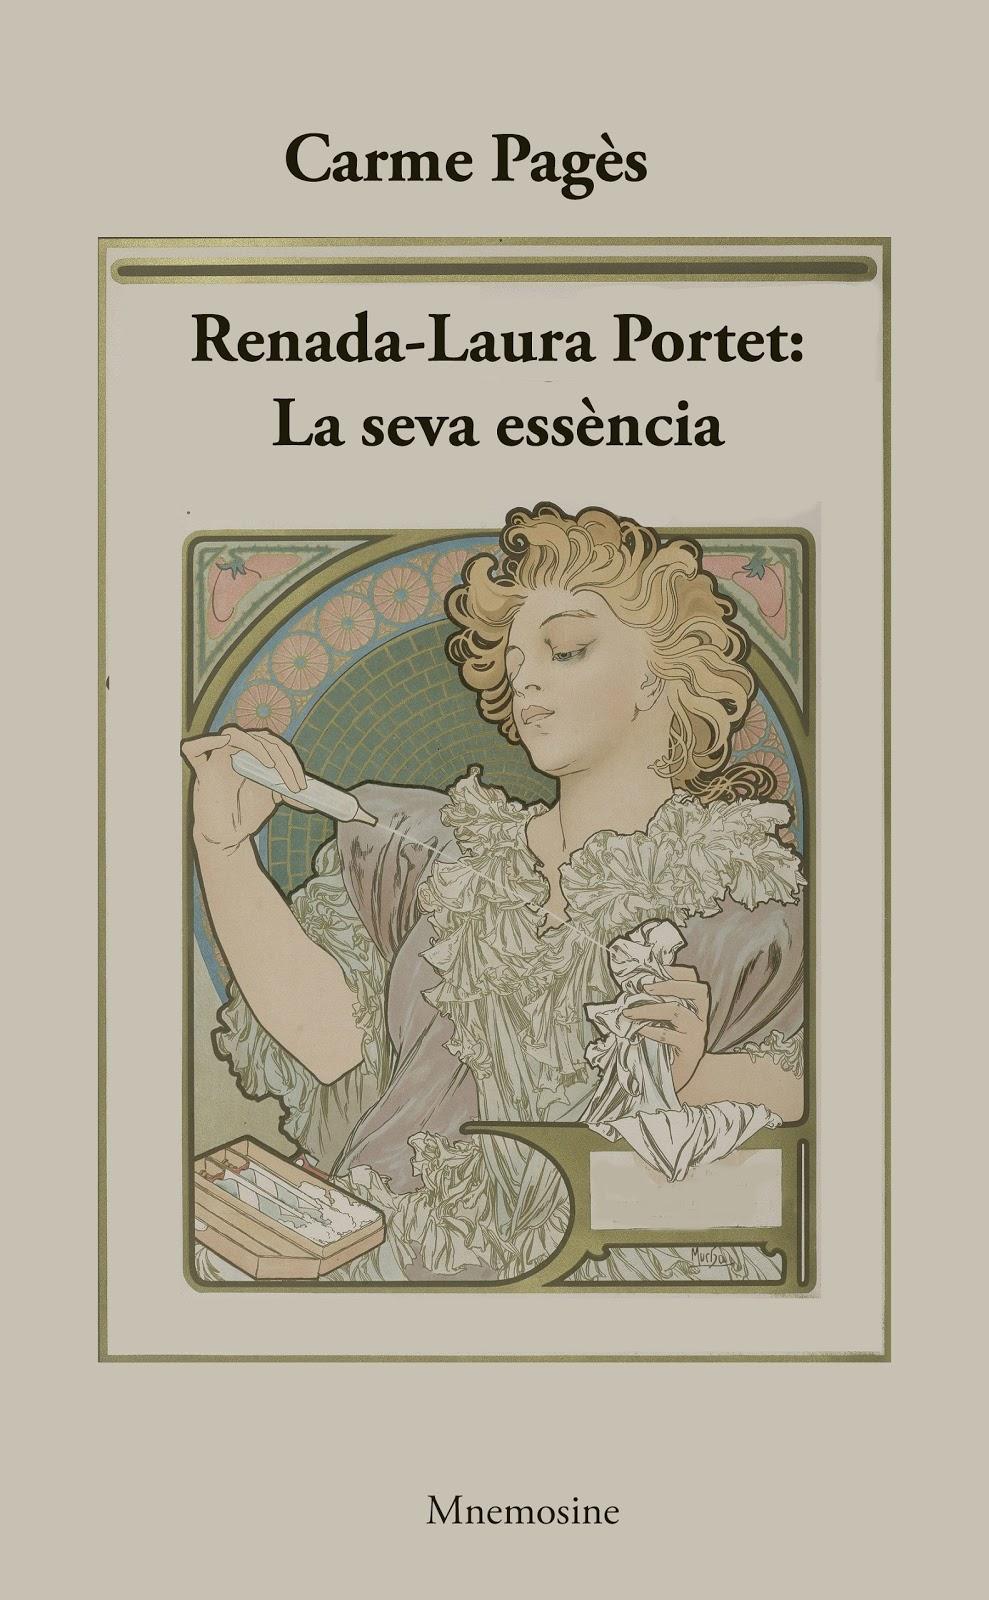 Renada-Laura Portet: La seva essència